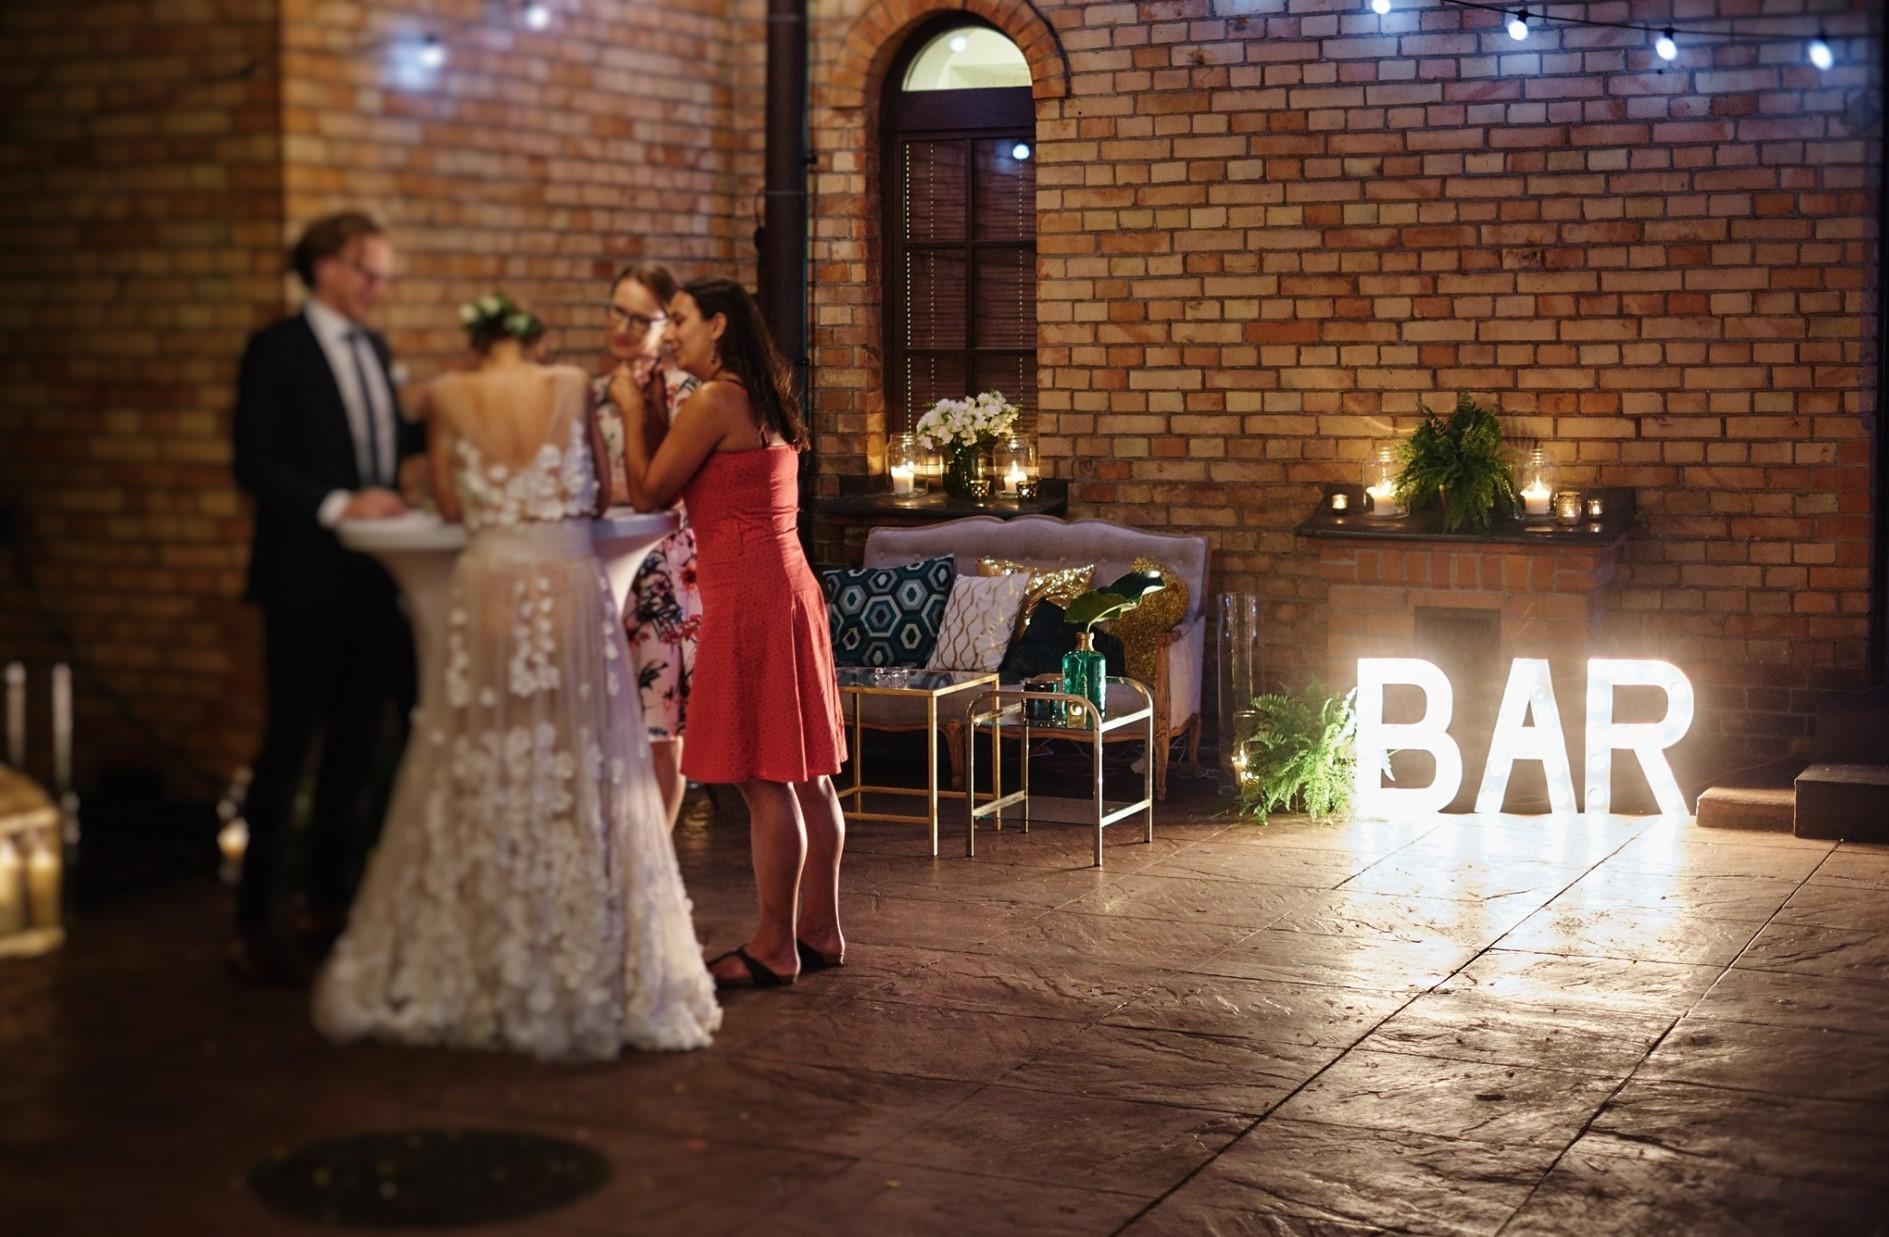 wesele, szmaragd, złoto, konsultant ślubny, wesele w klubie bankowca, greenery, gold, emerald, konsultant ślubny, konsultant ślubny warszawa, wedding planner, organizacja wesel, organizacja ślubów, organizacja ślubu, warszawa, strefa chillout